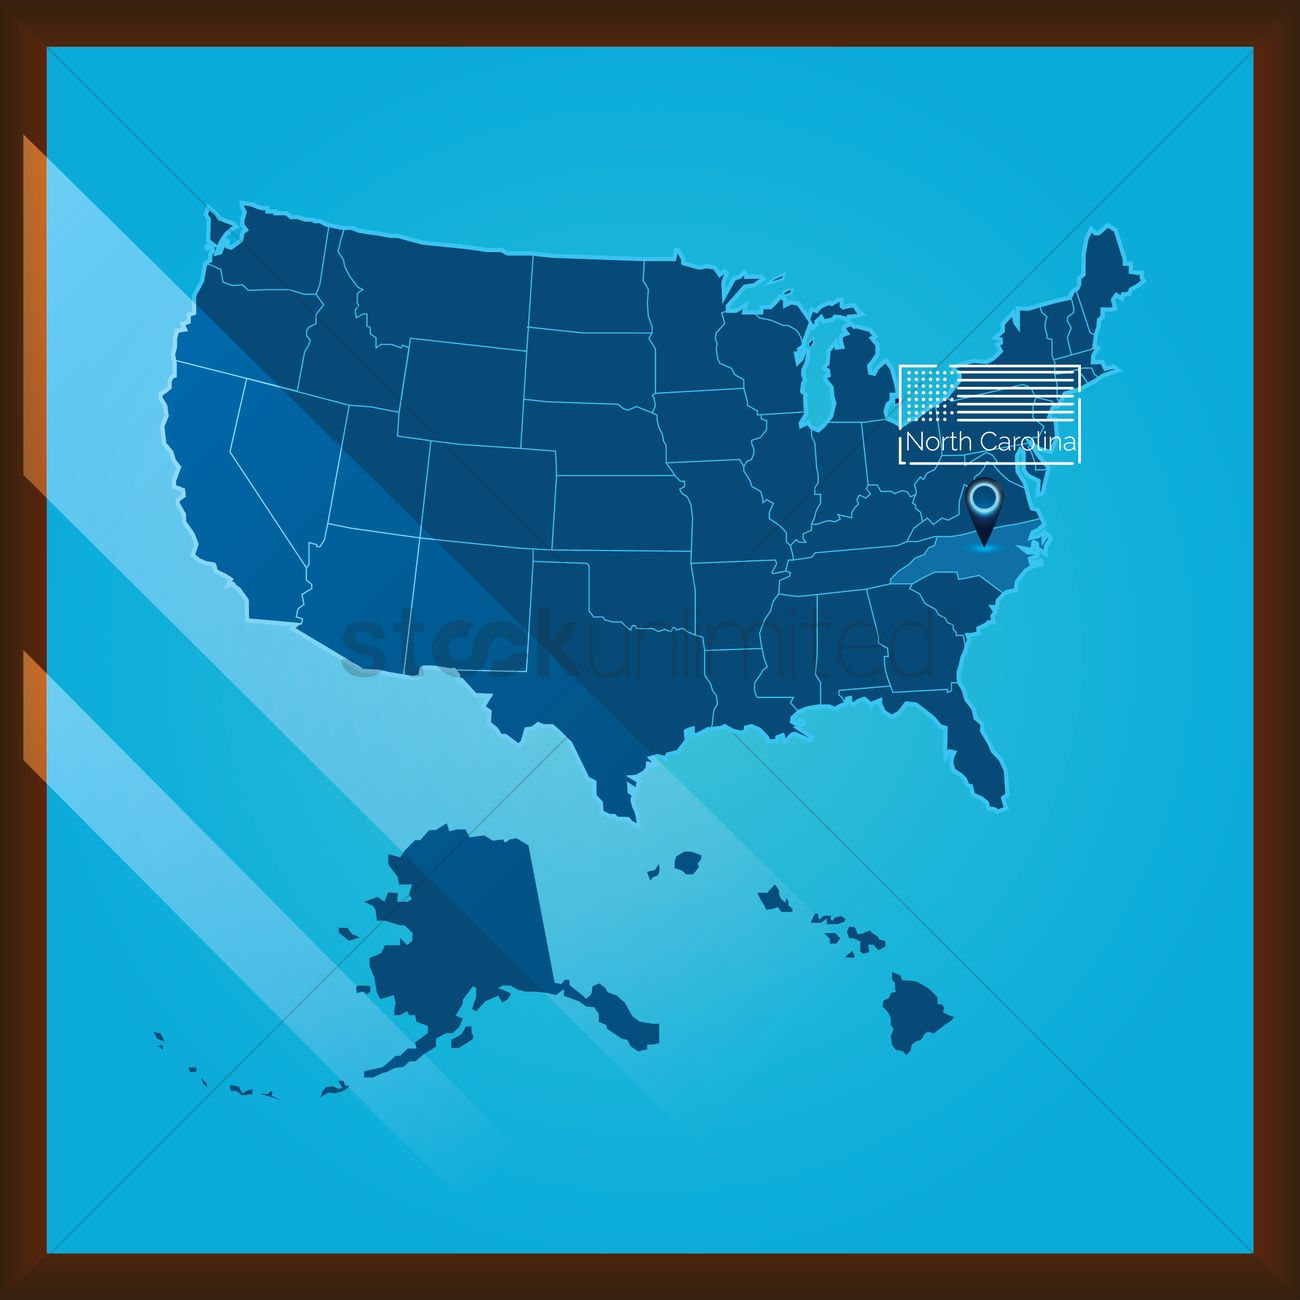 Navigation Pointer Indicating North Carolina State On Us Map Vector - North-carolina-map-us